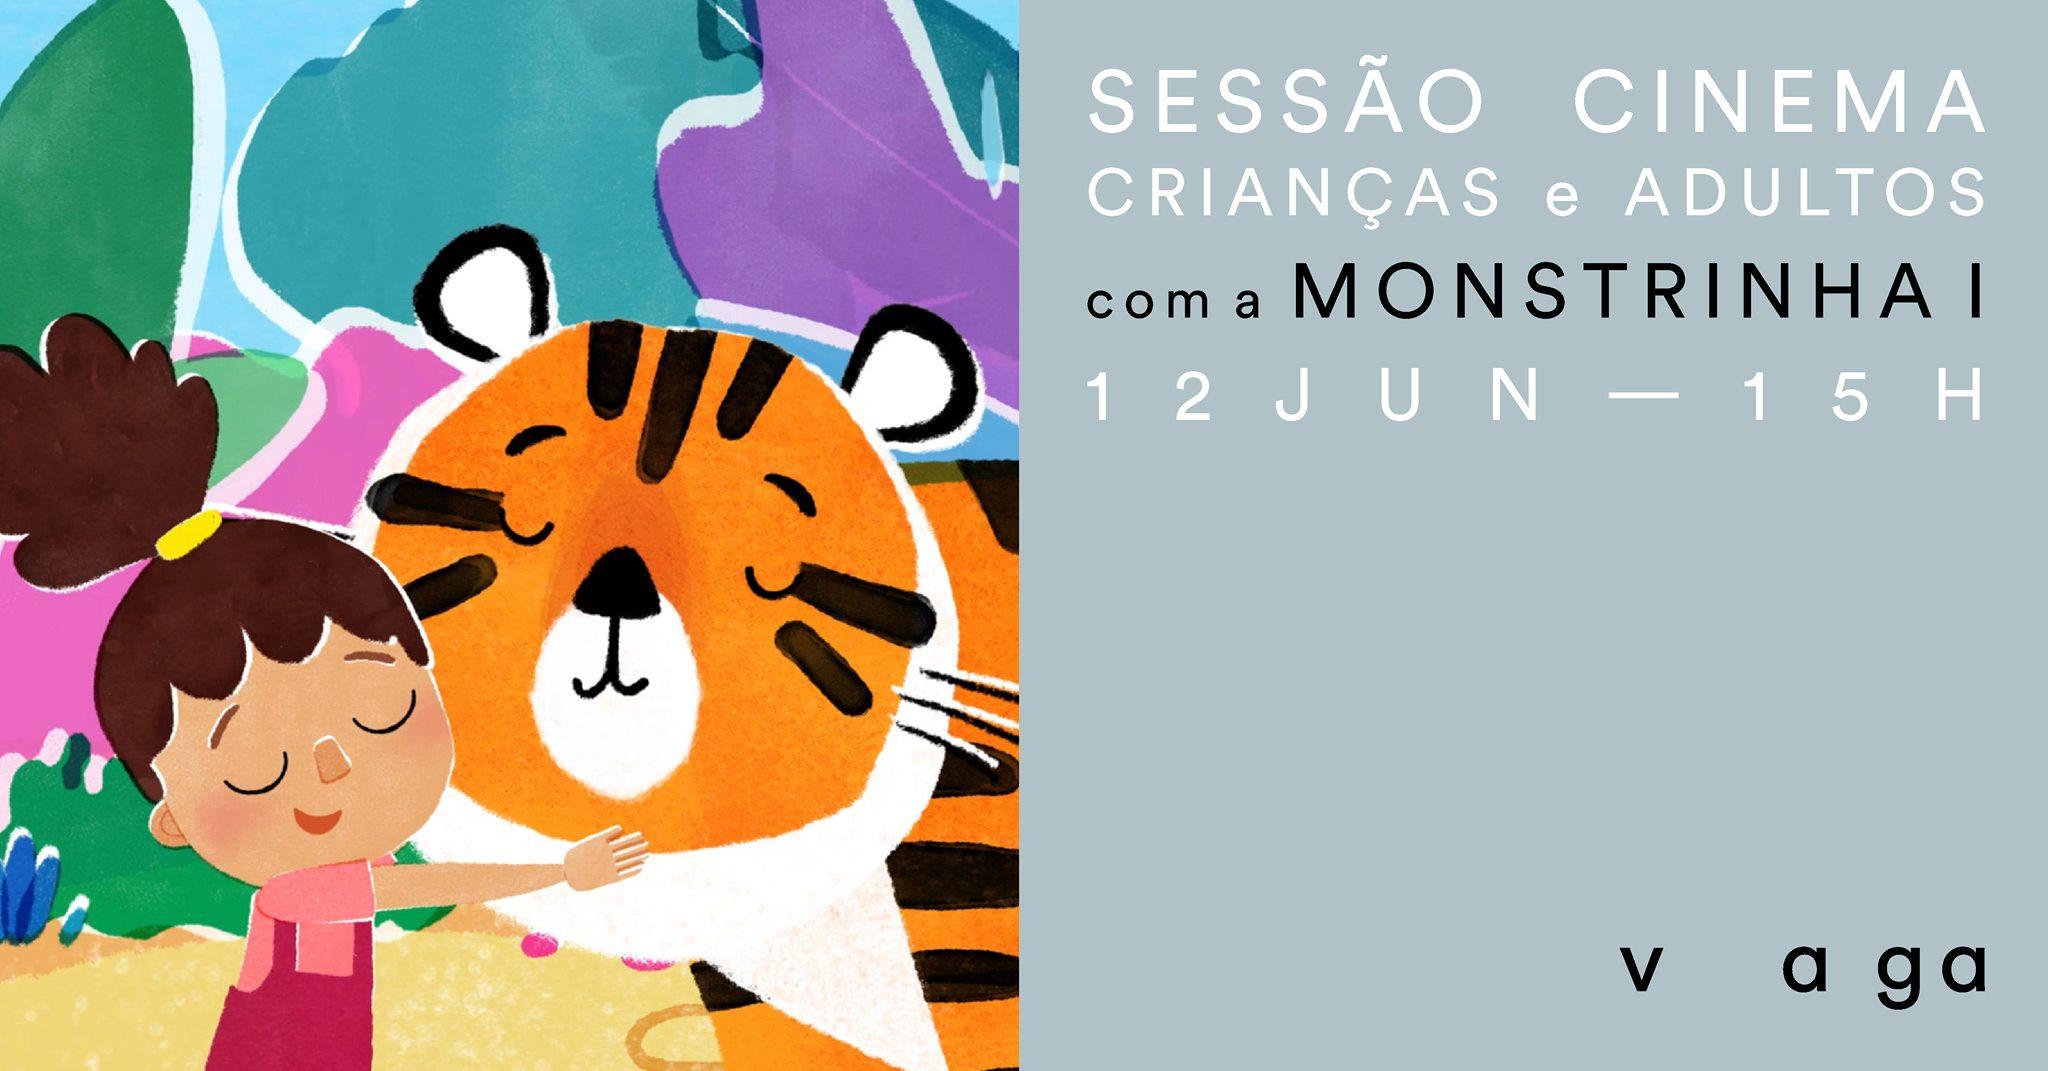 Sessão de Cinema para crianças e adultos com a Monstrinha I